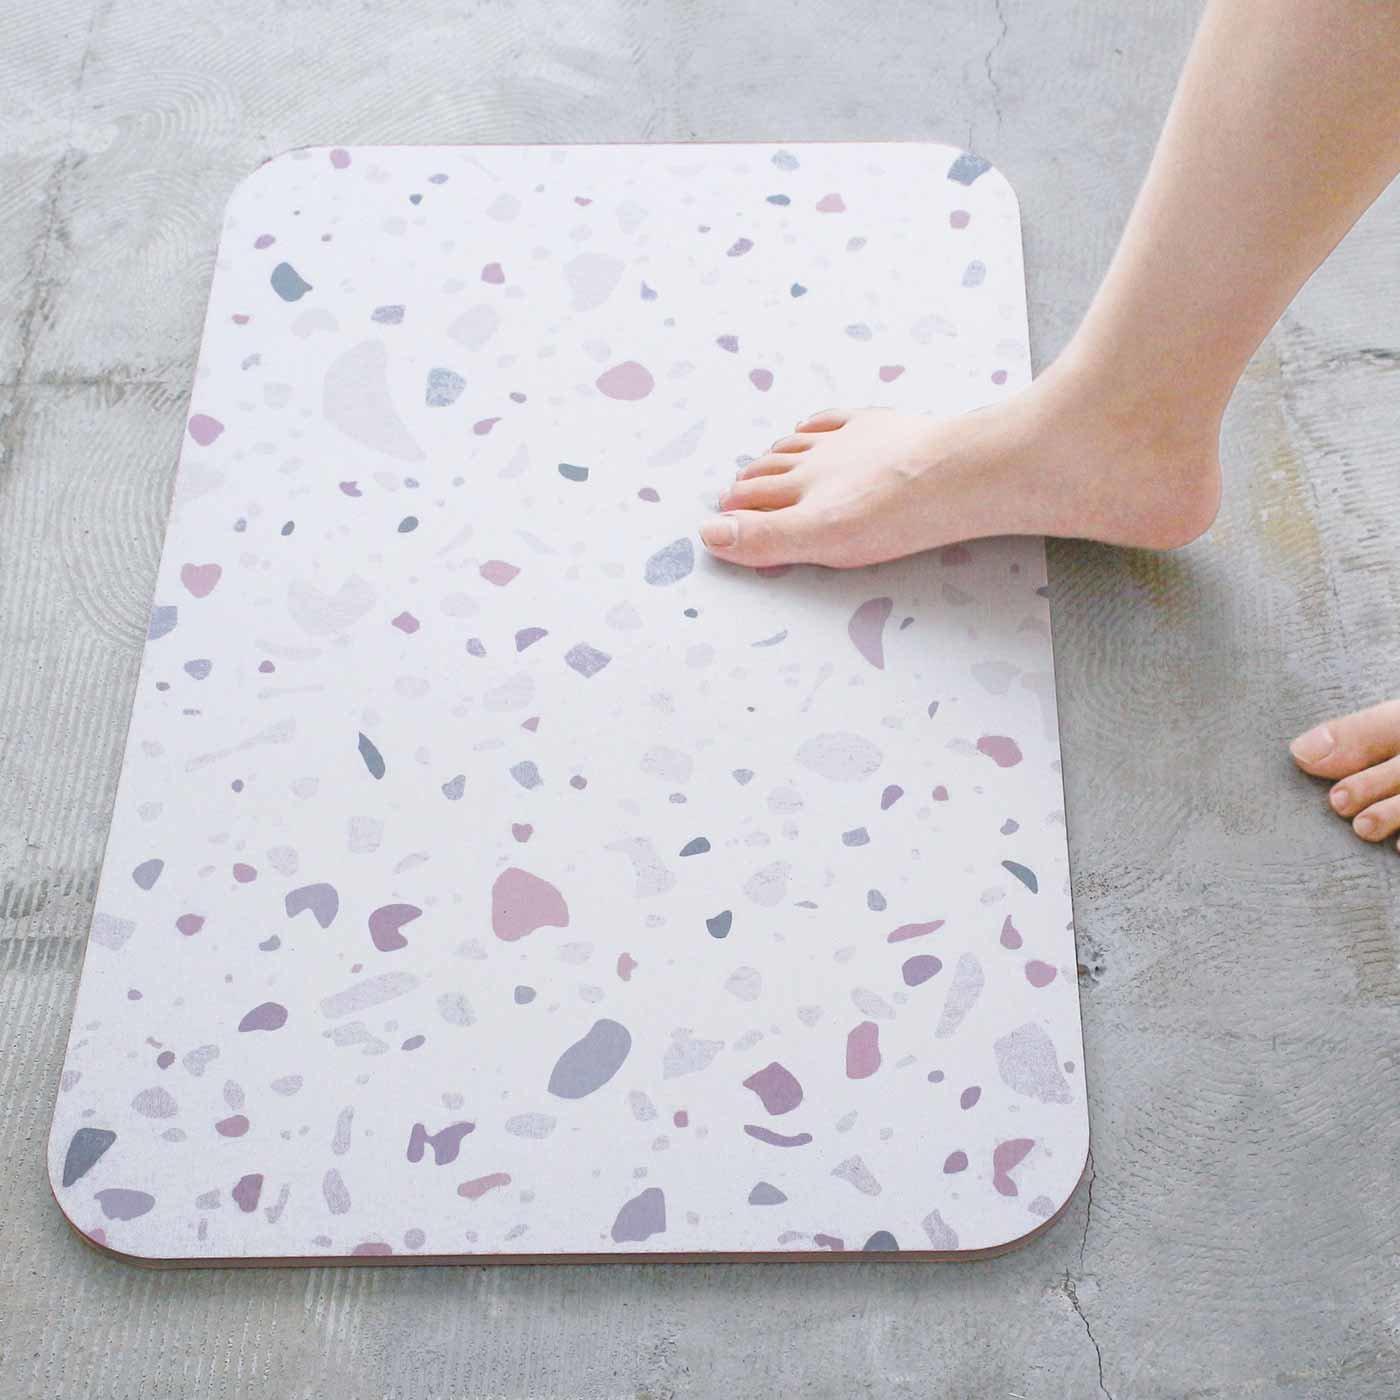 足がここちいい 珪藻土のバスマット〈カラフル〉